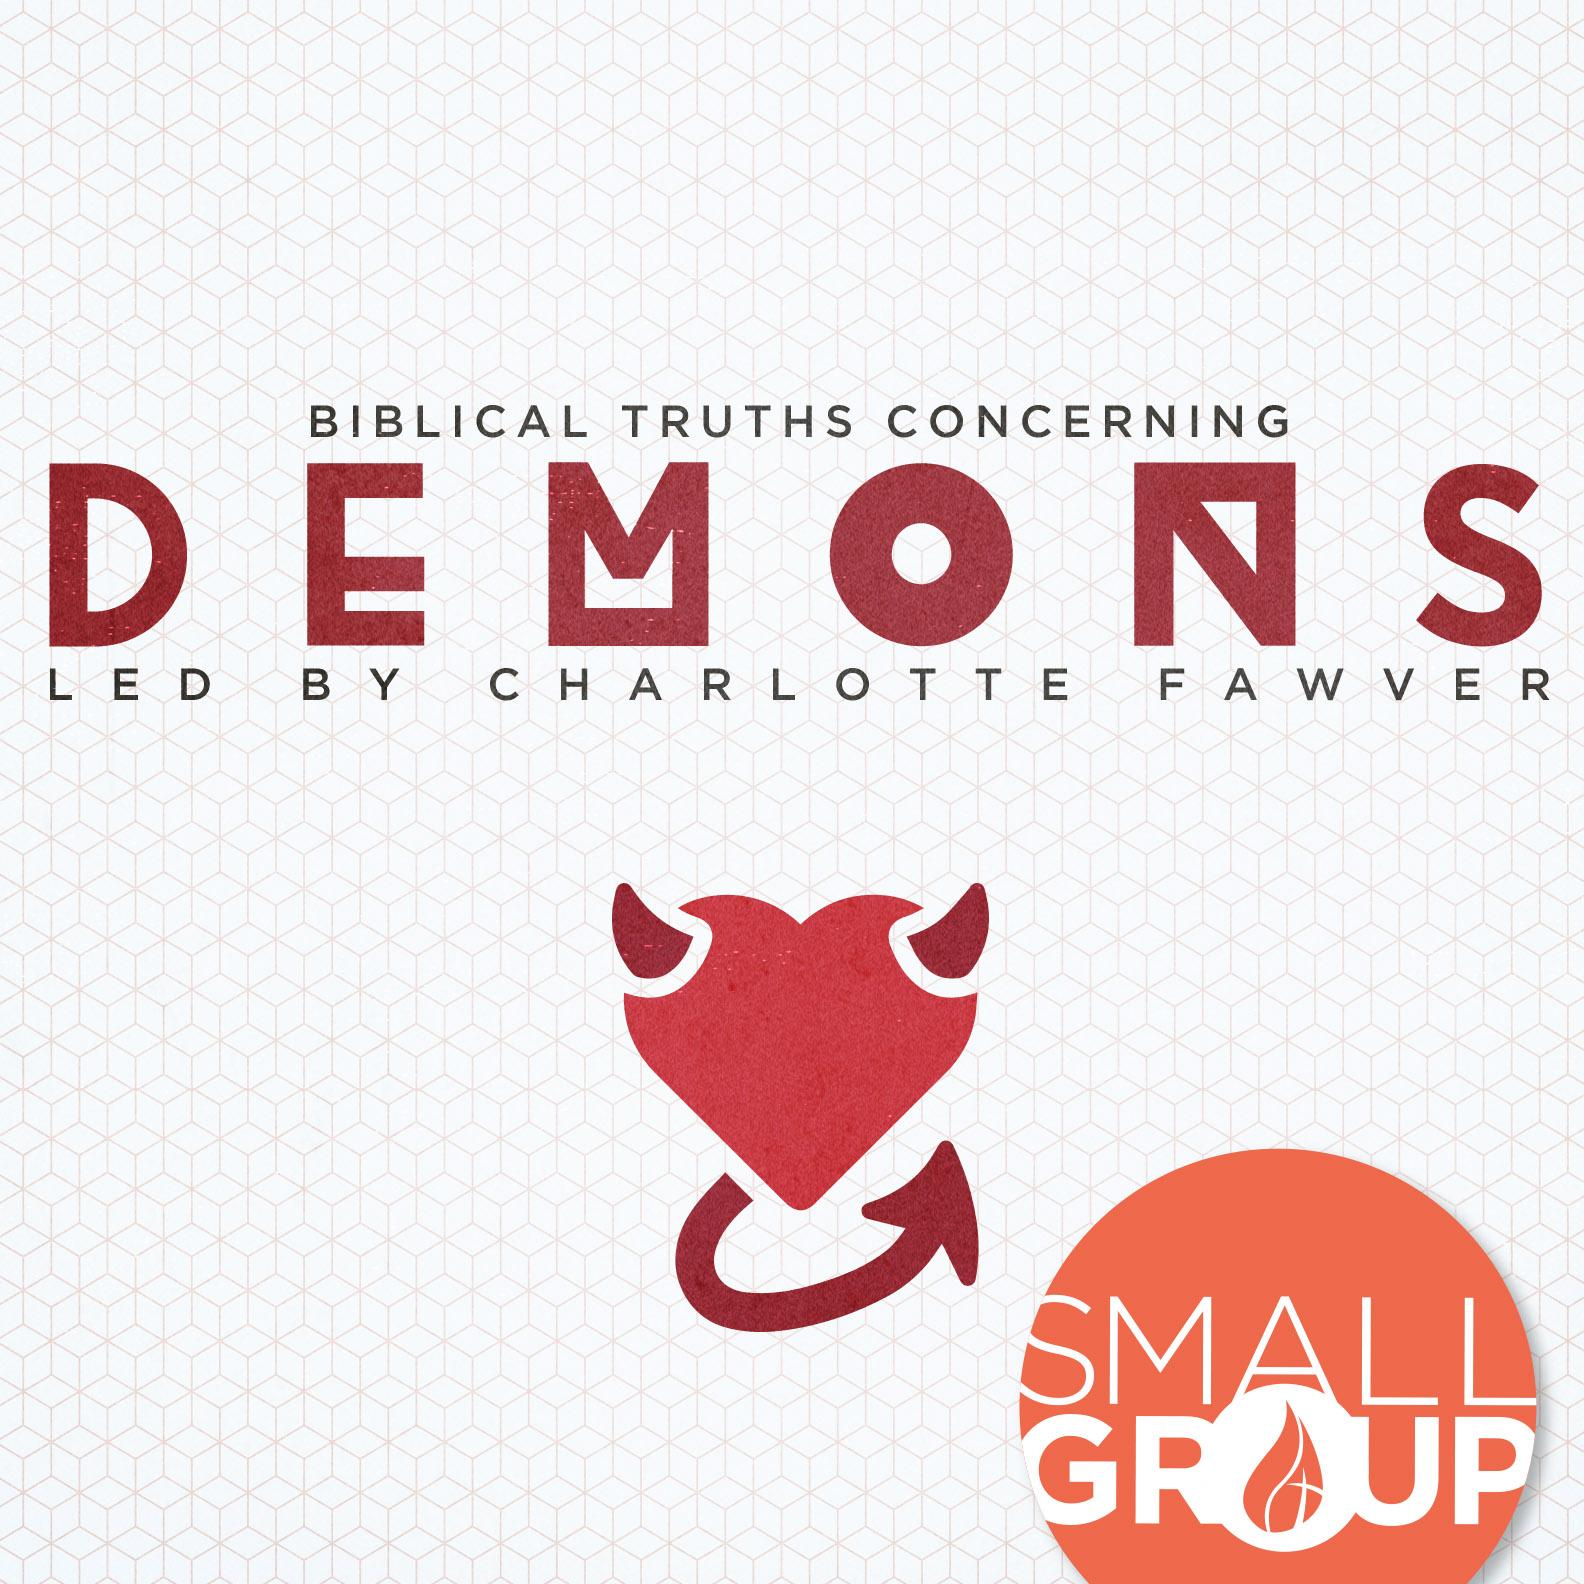 Biblical truths concerning demons registration